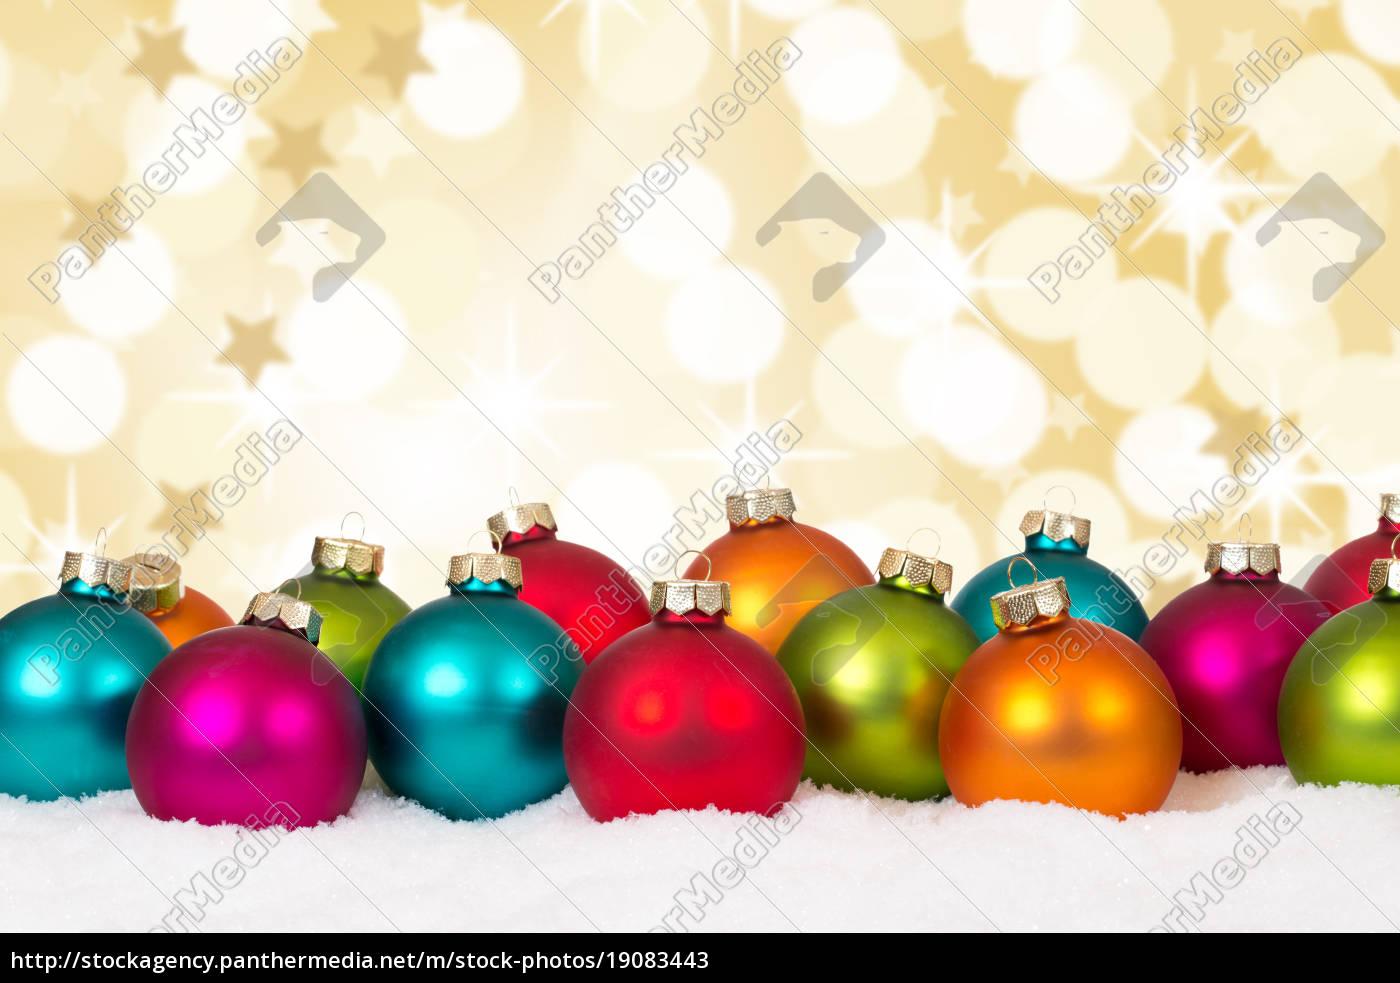 Colorful Christmas Balls.Stock Photo 19083443 Christmas Many Colorful Christmas Balls Decoration Snow Stars